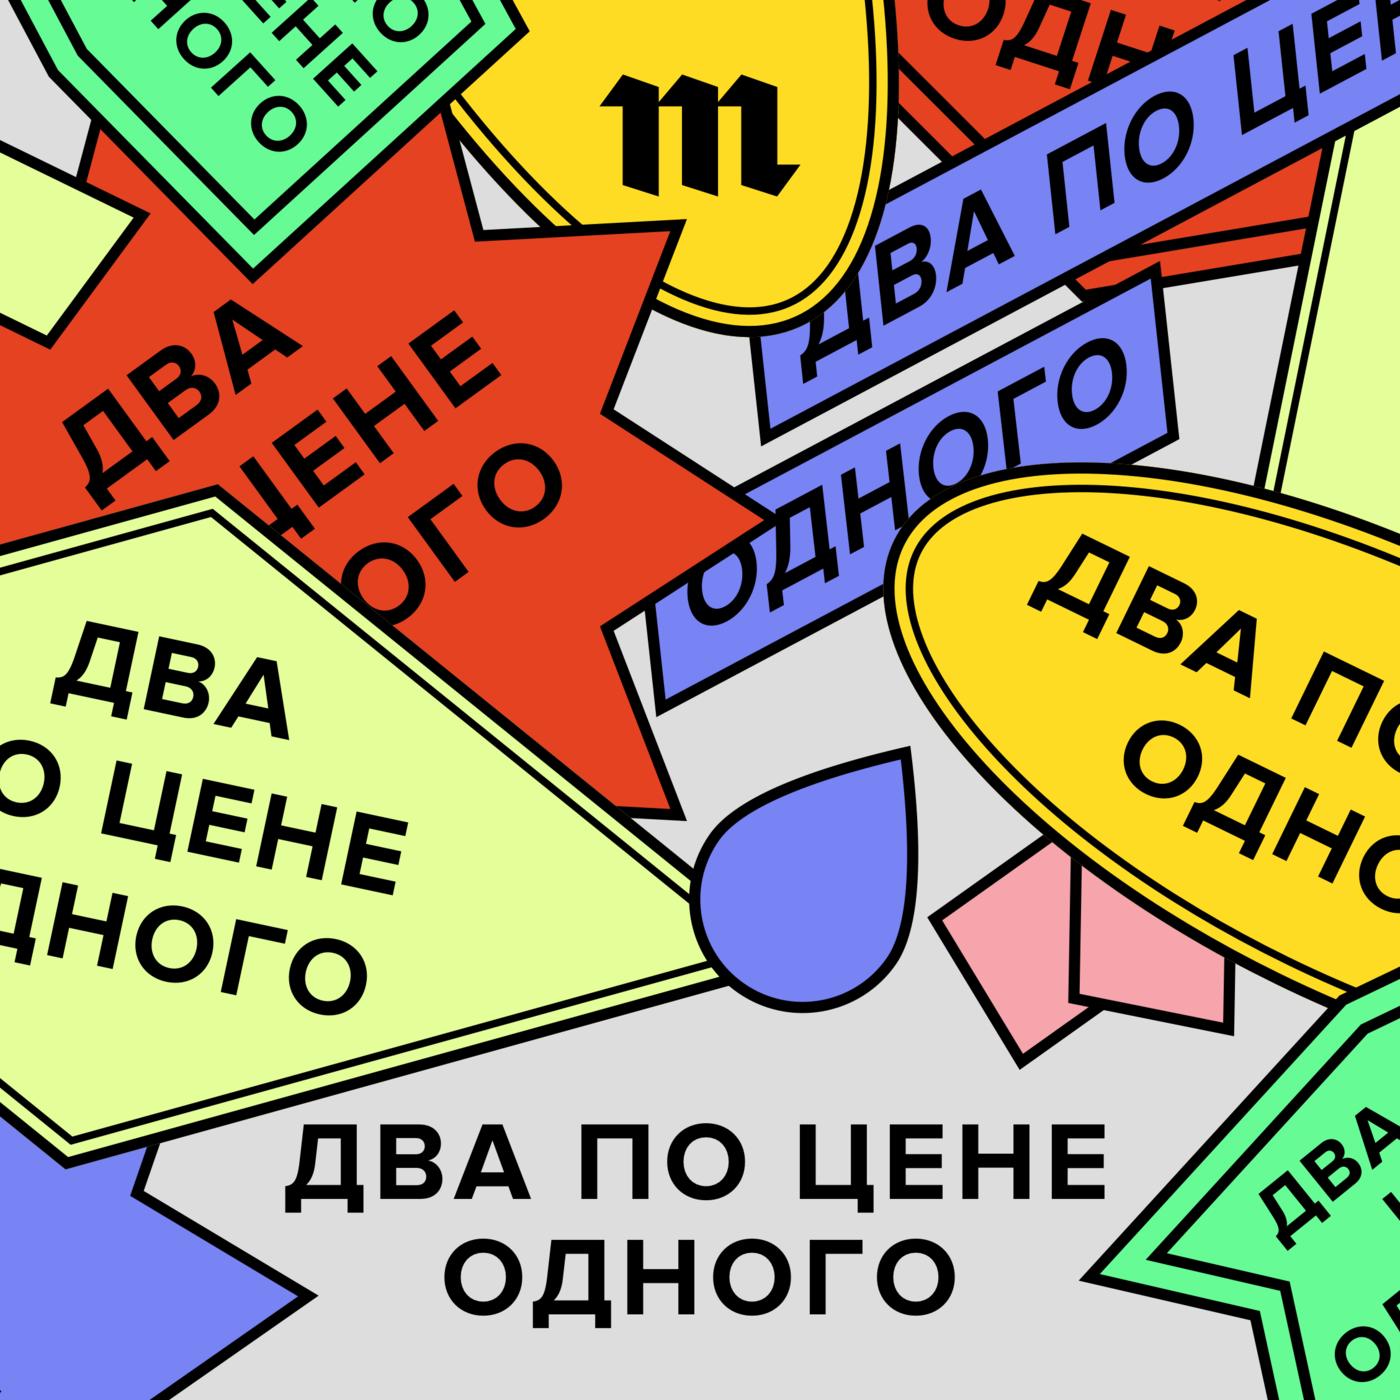 Илья Красильщик Роуминг — зло, платные сервисы — ад. Зачем нам на самом деле телефон? цены онлайн